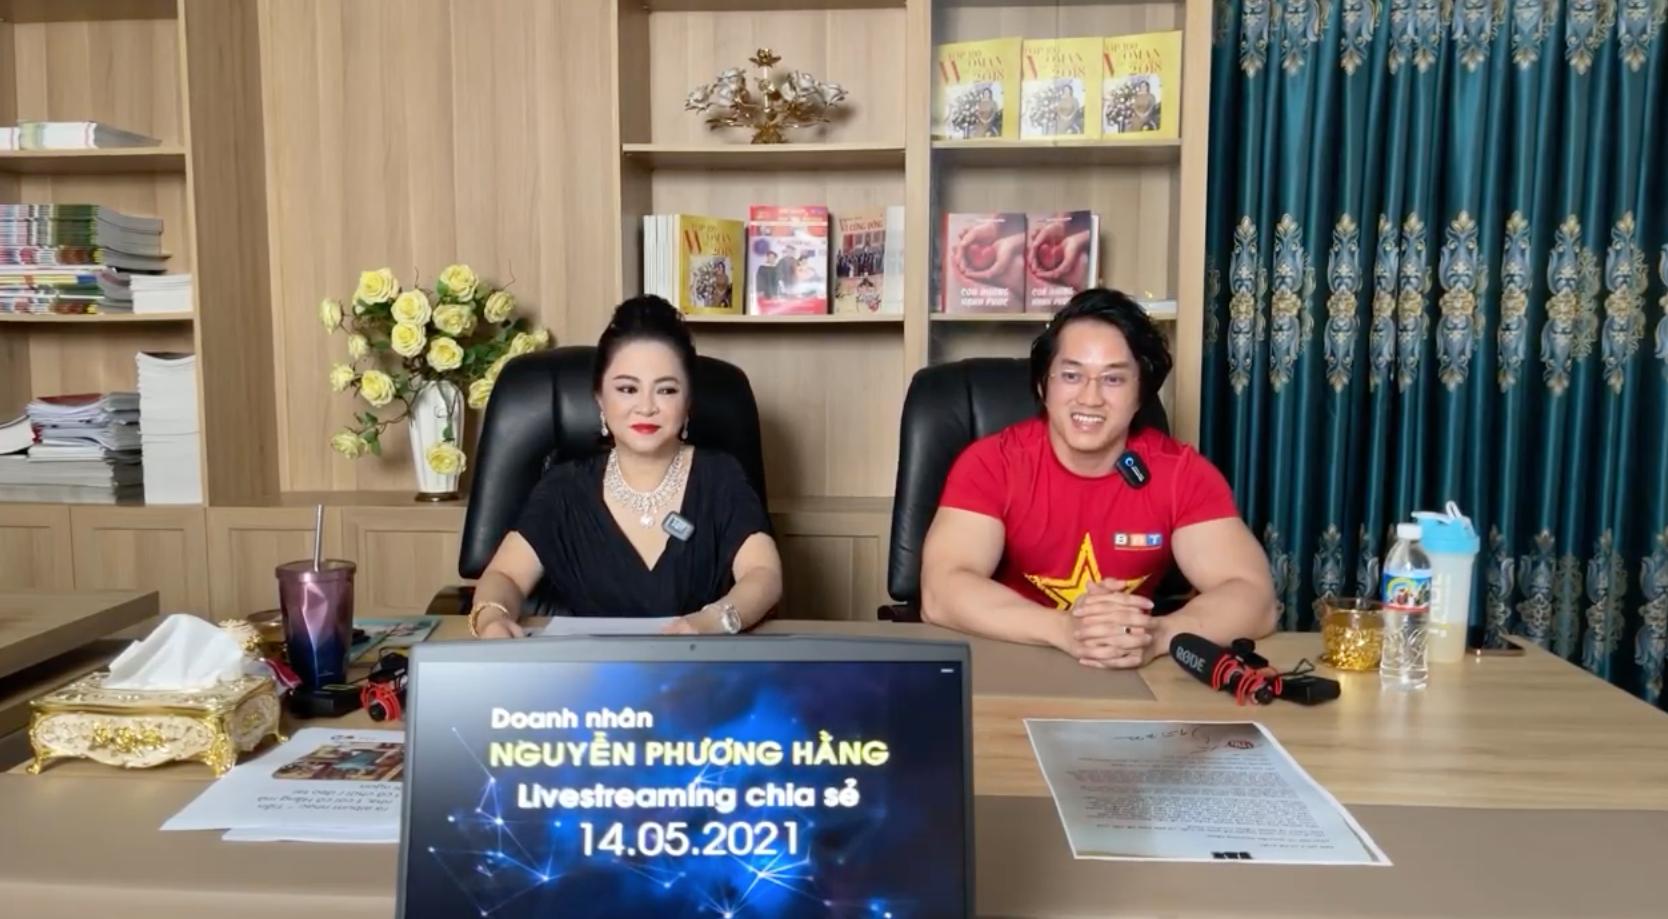 """Bà Phương Hằng đột nhiên bật khóc trên livestream, tiết lộ tỷ phú Hoàng Kiều - người yêu cũ Ngọc Trinh từng cho ông Yên rất nhiều tiền""""-3"""